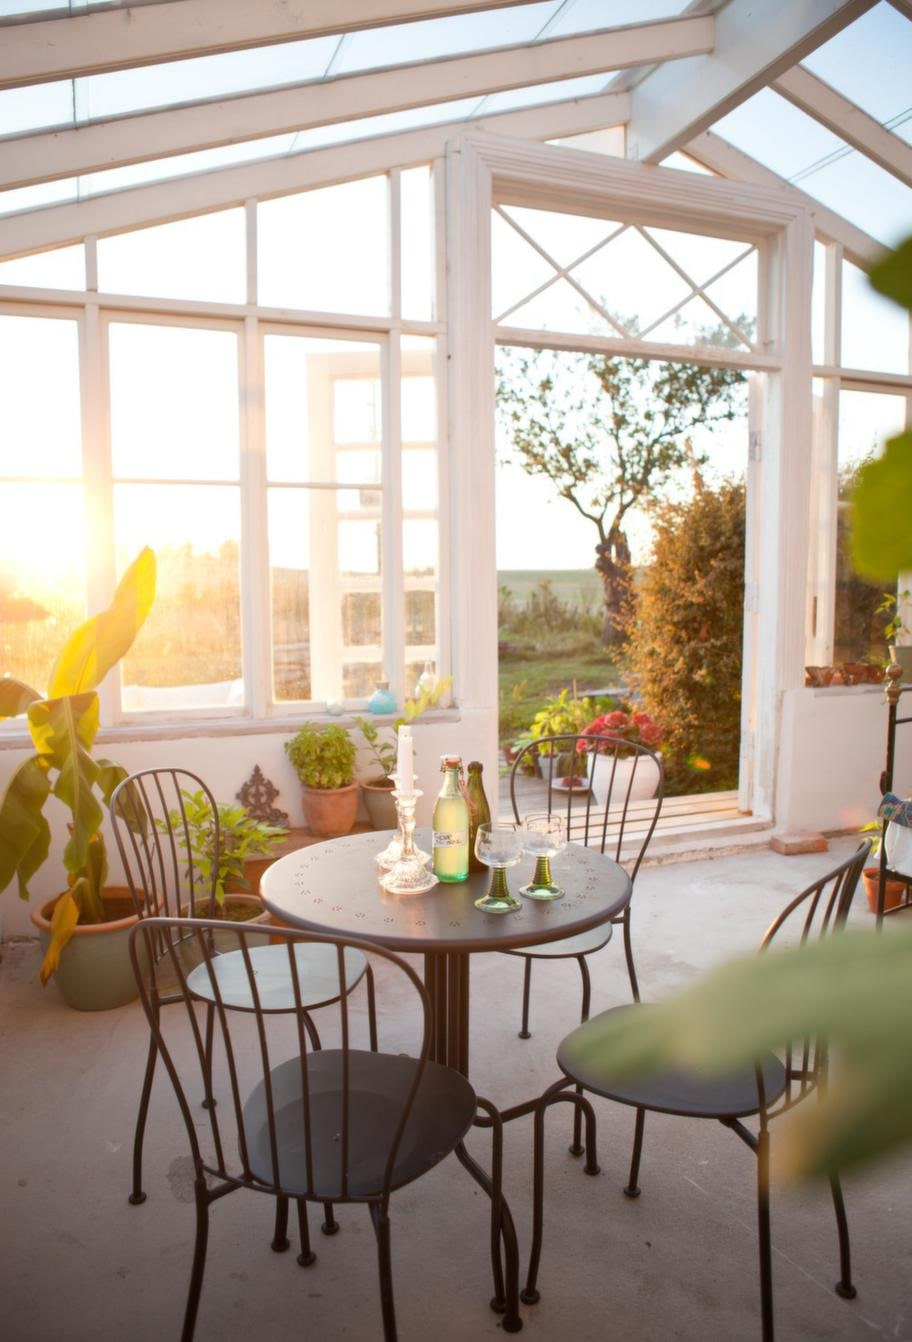 Fikamys. De stora pardörrana bjuder verkligen in utsikten ända in i rummet. Kafémöbler från Ikea.